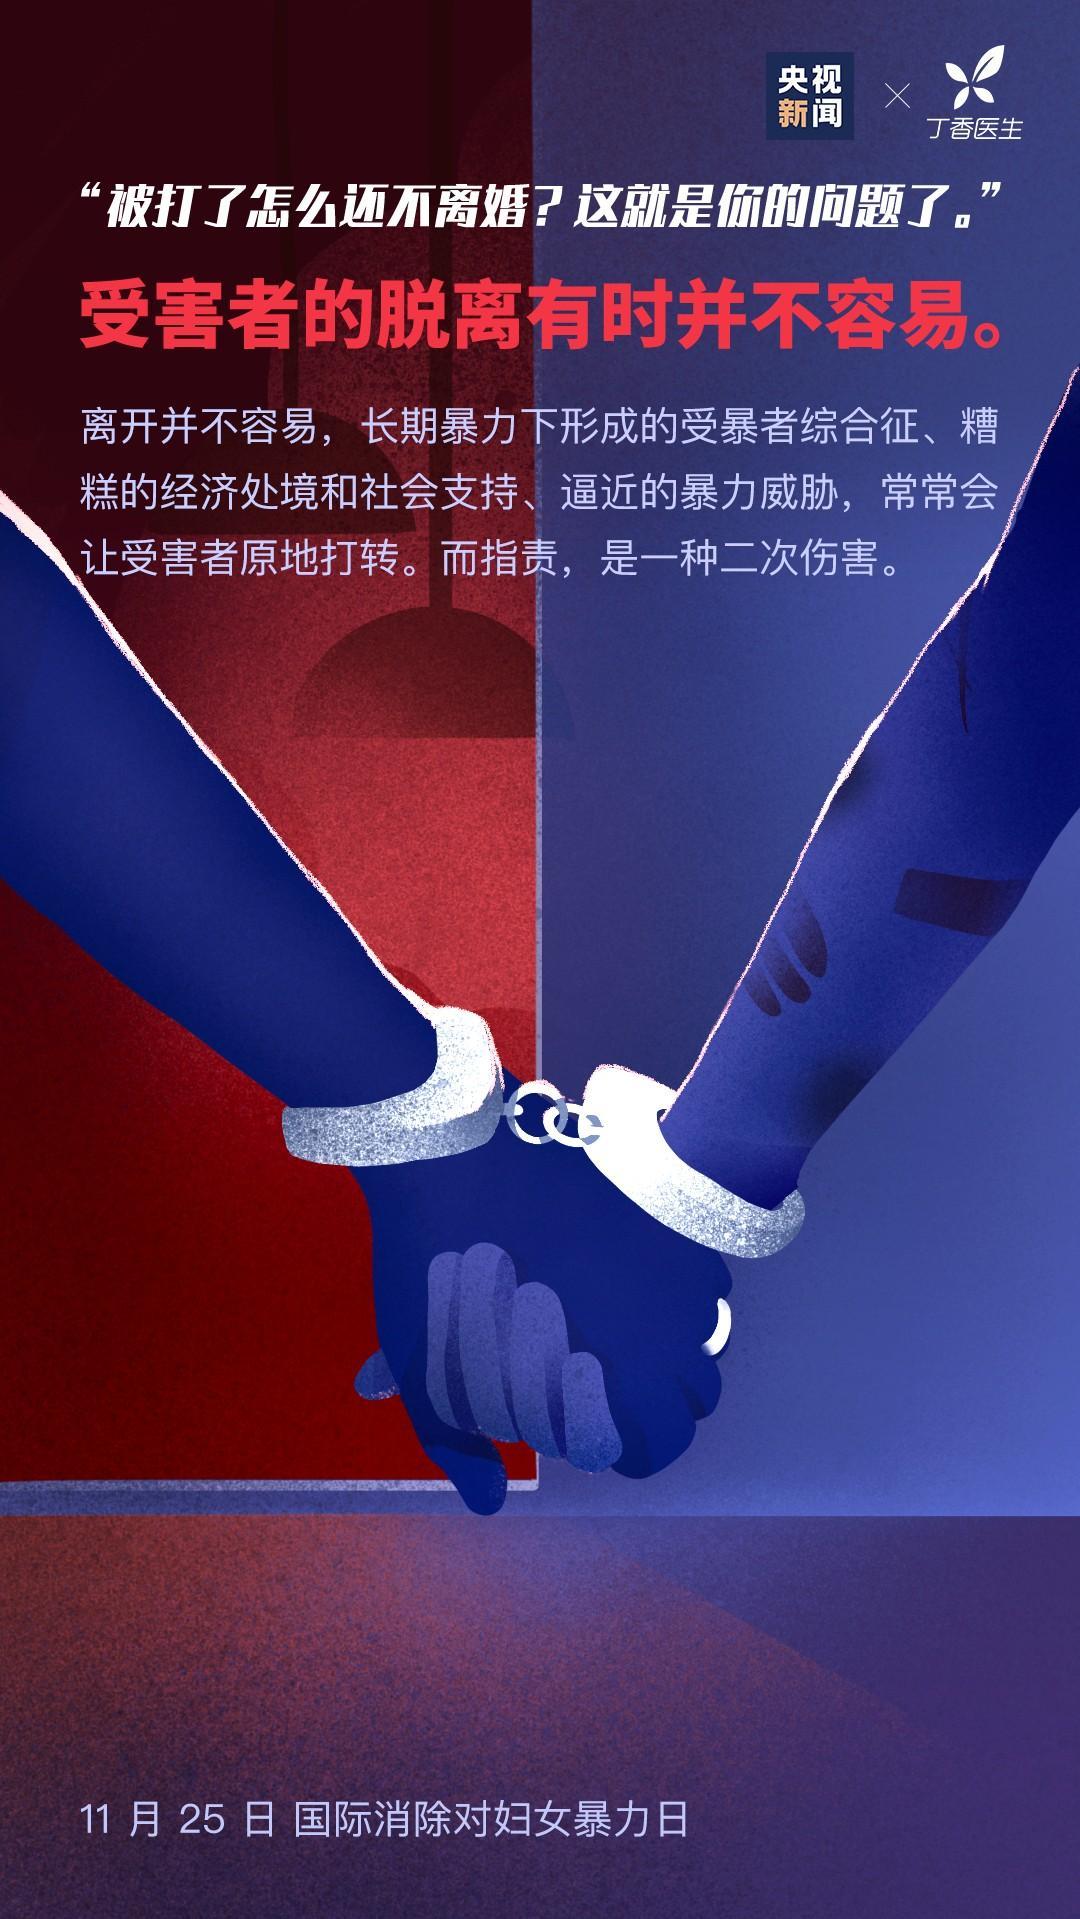 """11月25日是""""国际消除对妇女暴力日"""",请对家里暴力说不!"""